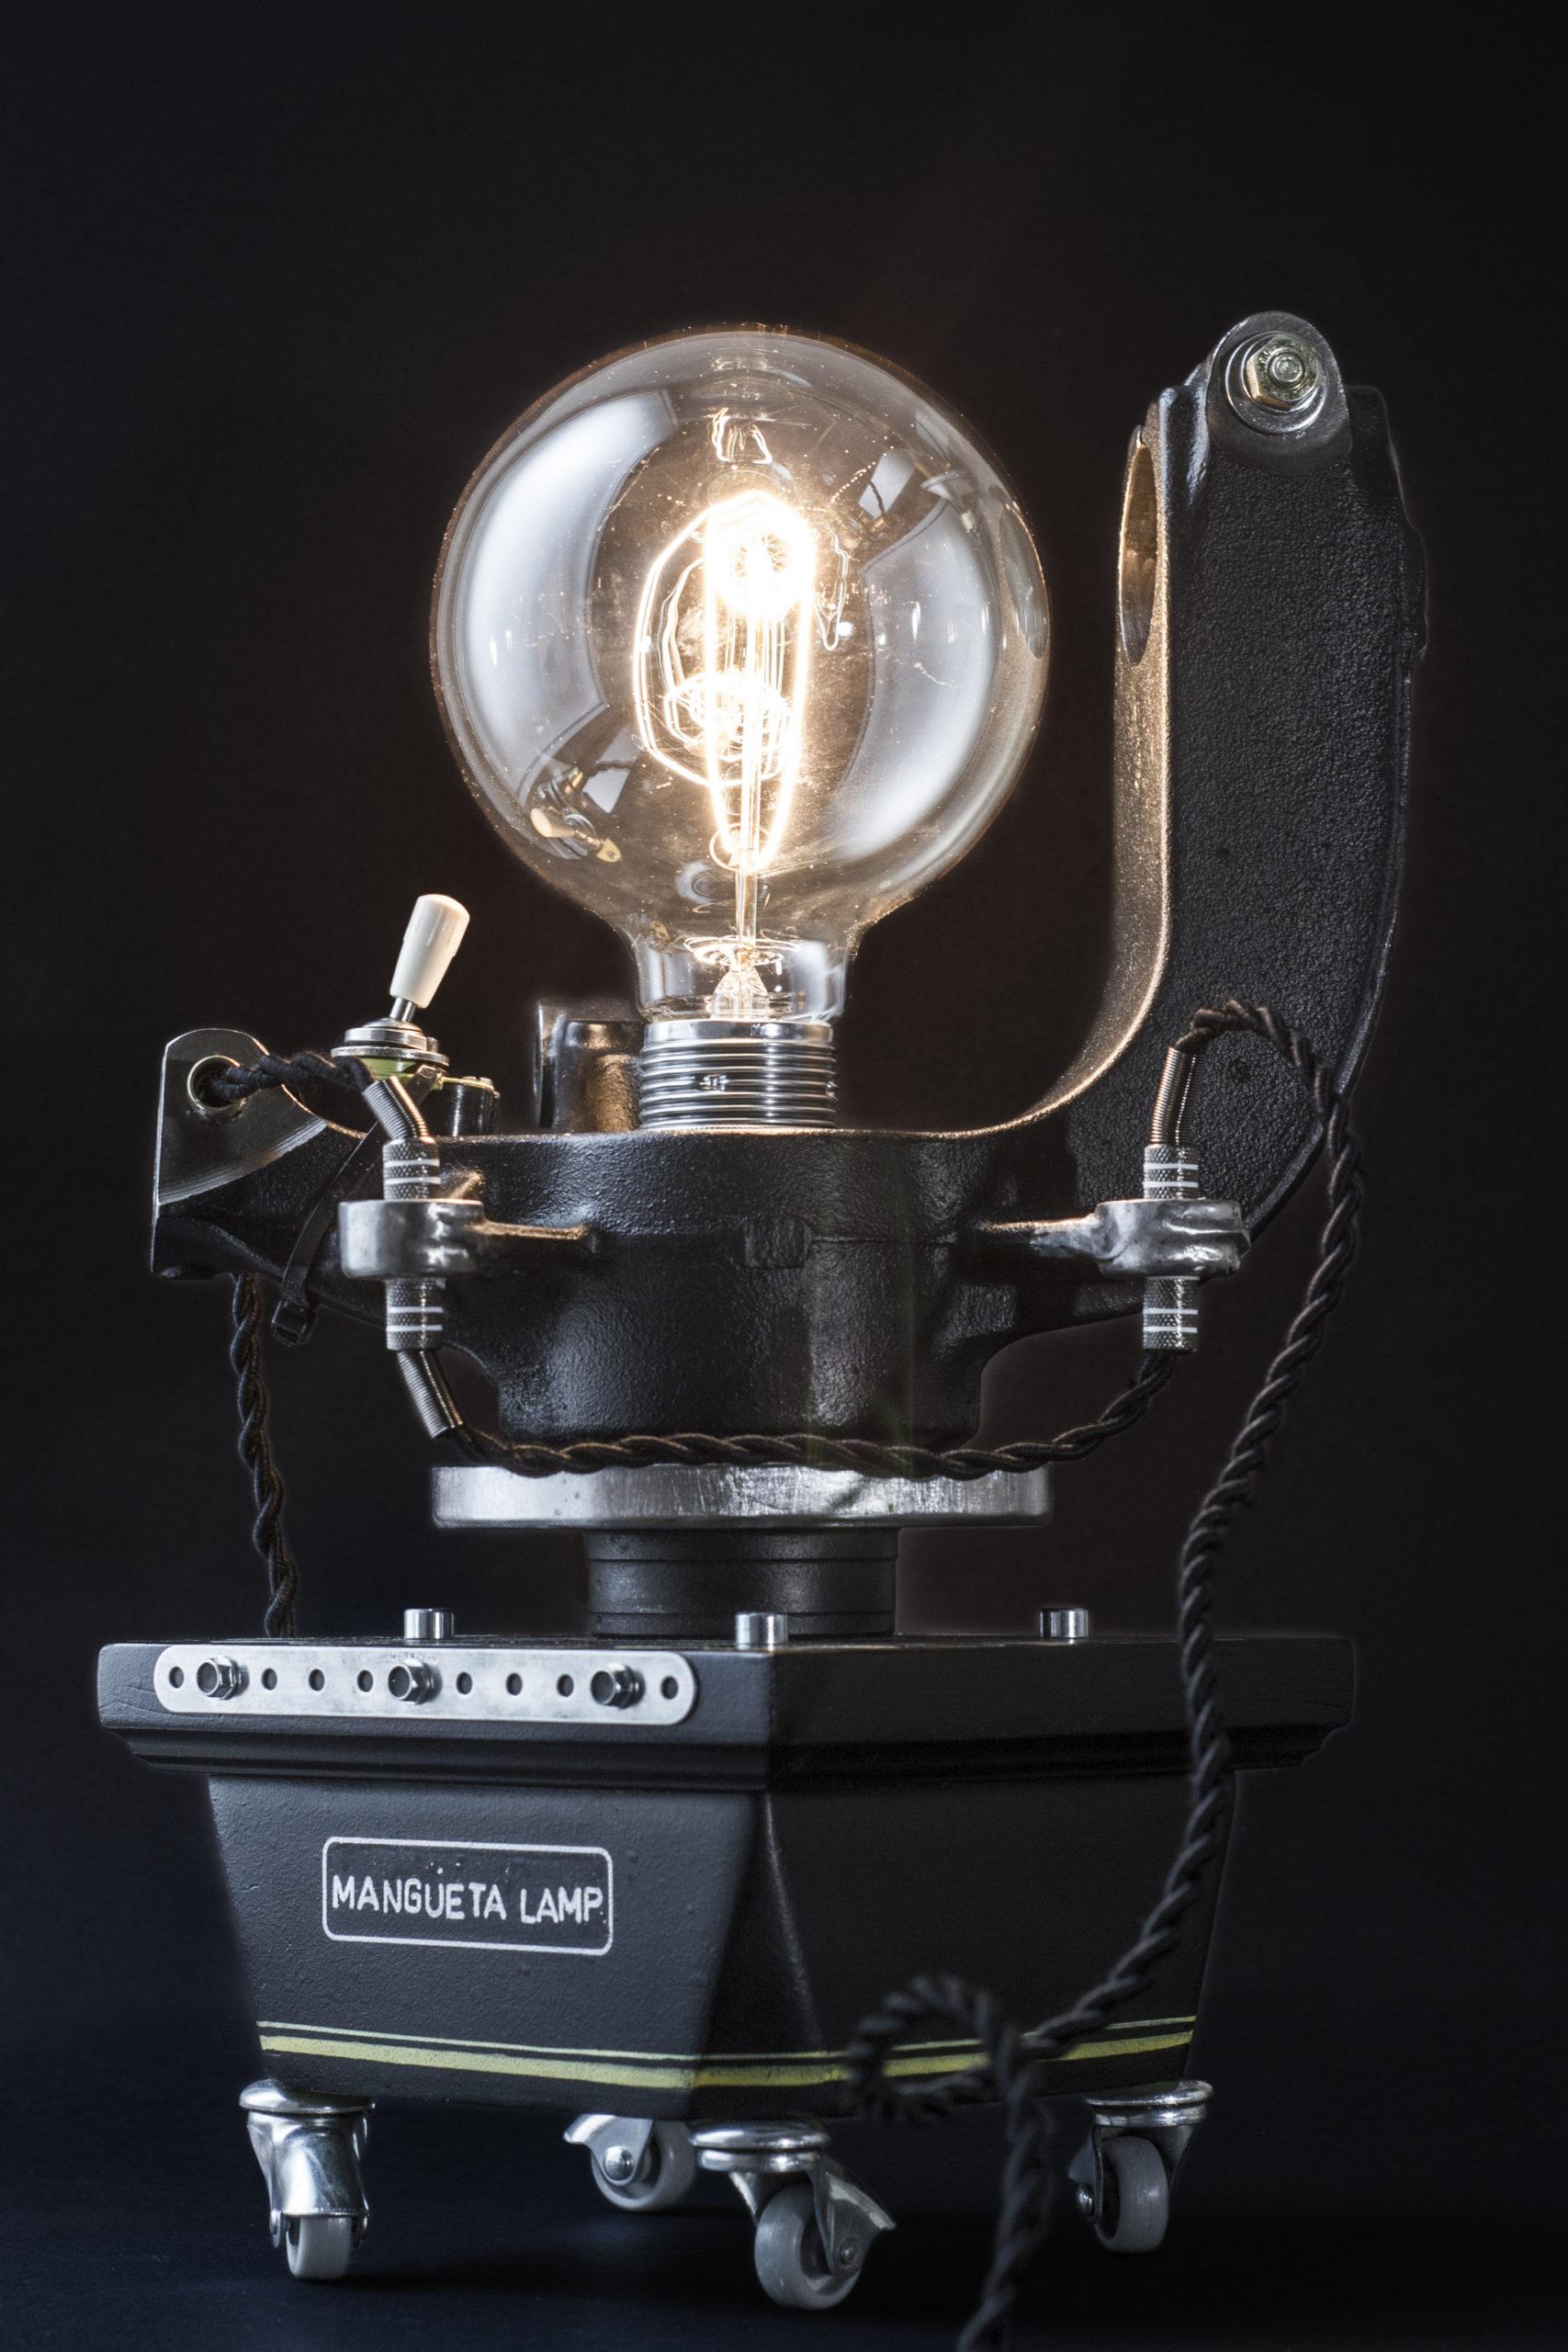 mangueta lamp art by chem